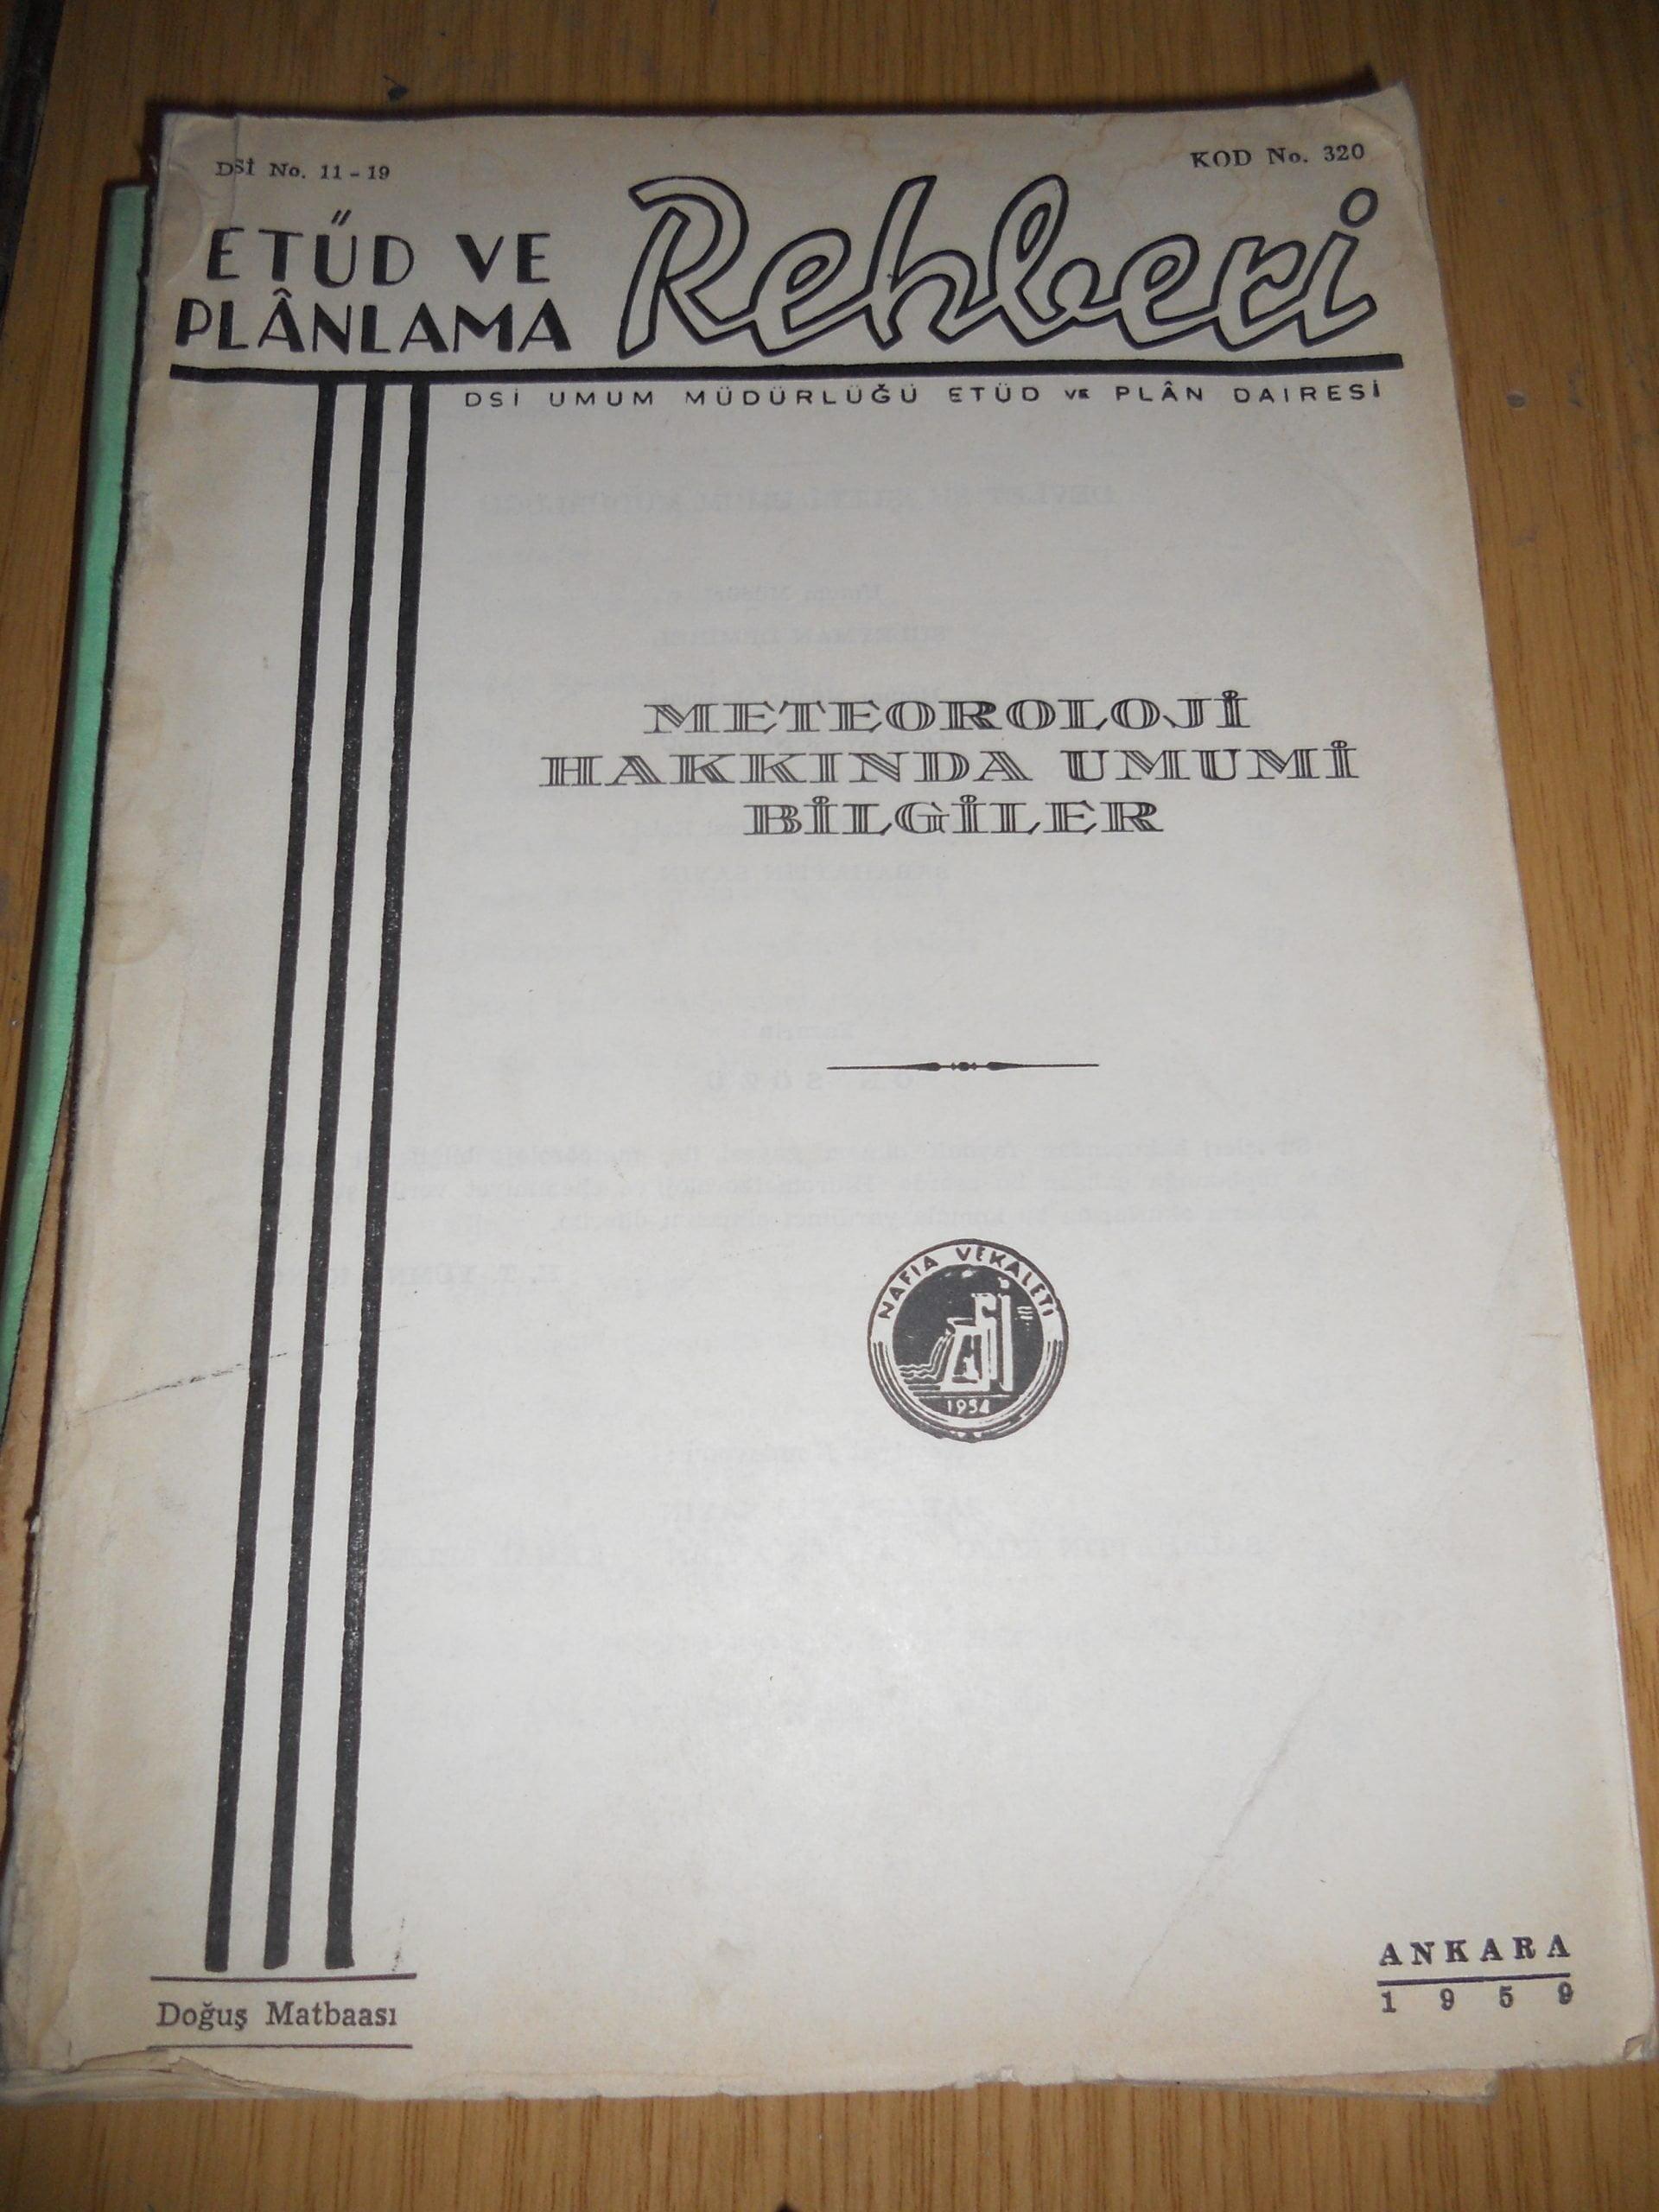 METEOROLOJİ HAKKINDA UMUMİ BİLGİLER/ 25 TL